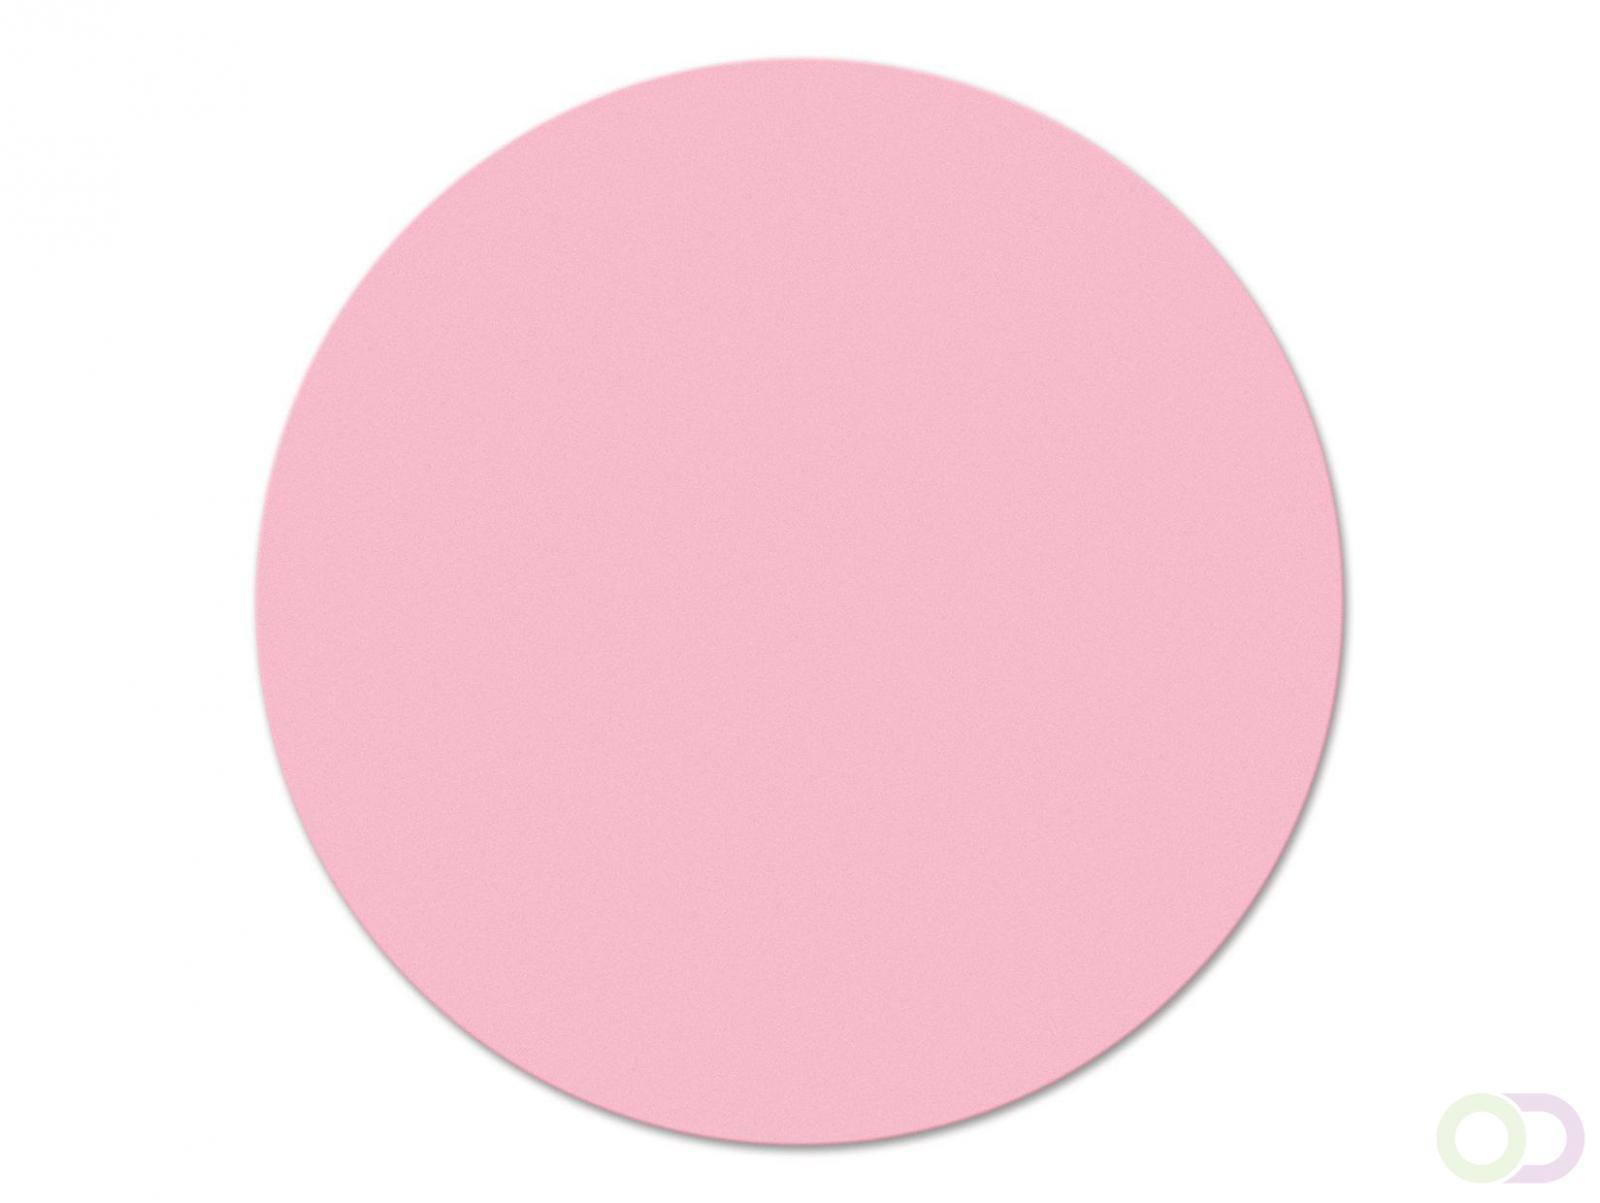 Ronde kaarten 19 cm, 250 stuks roze